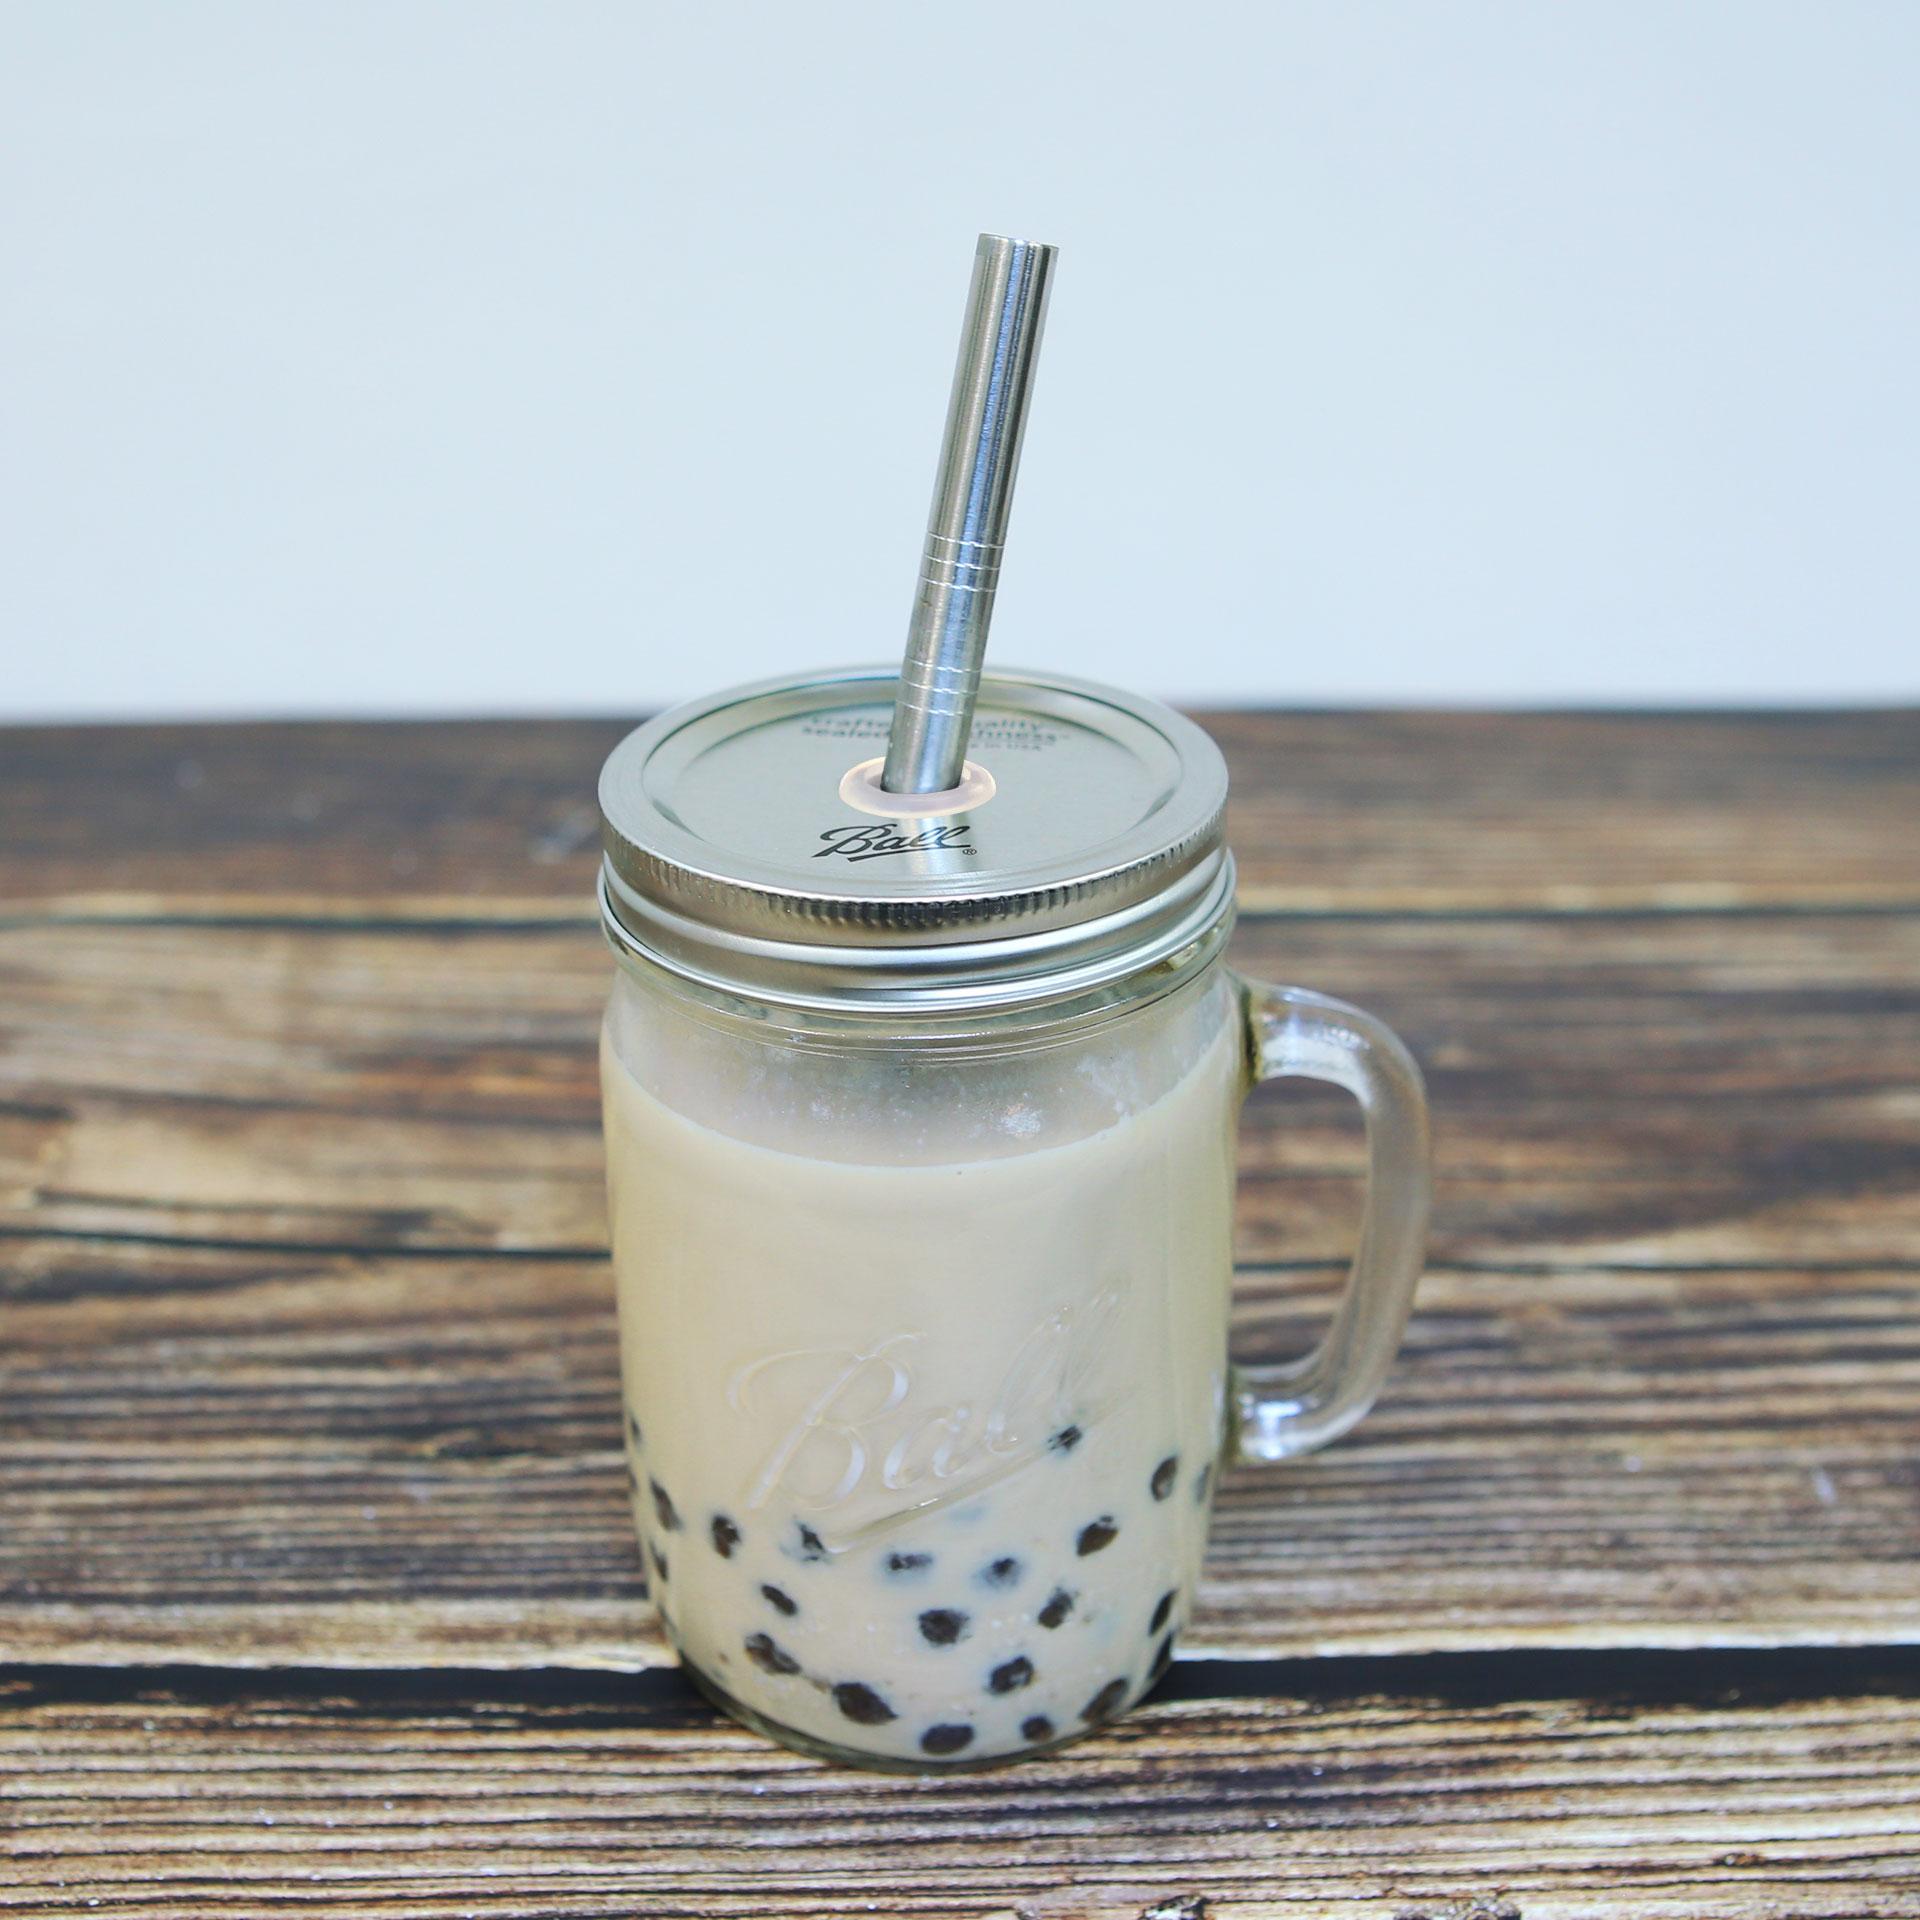 美國 Ball 梅森罐 24oz寬口馬克杯 波霸奶茶必備手搖飲料杯